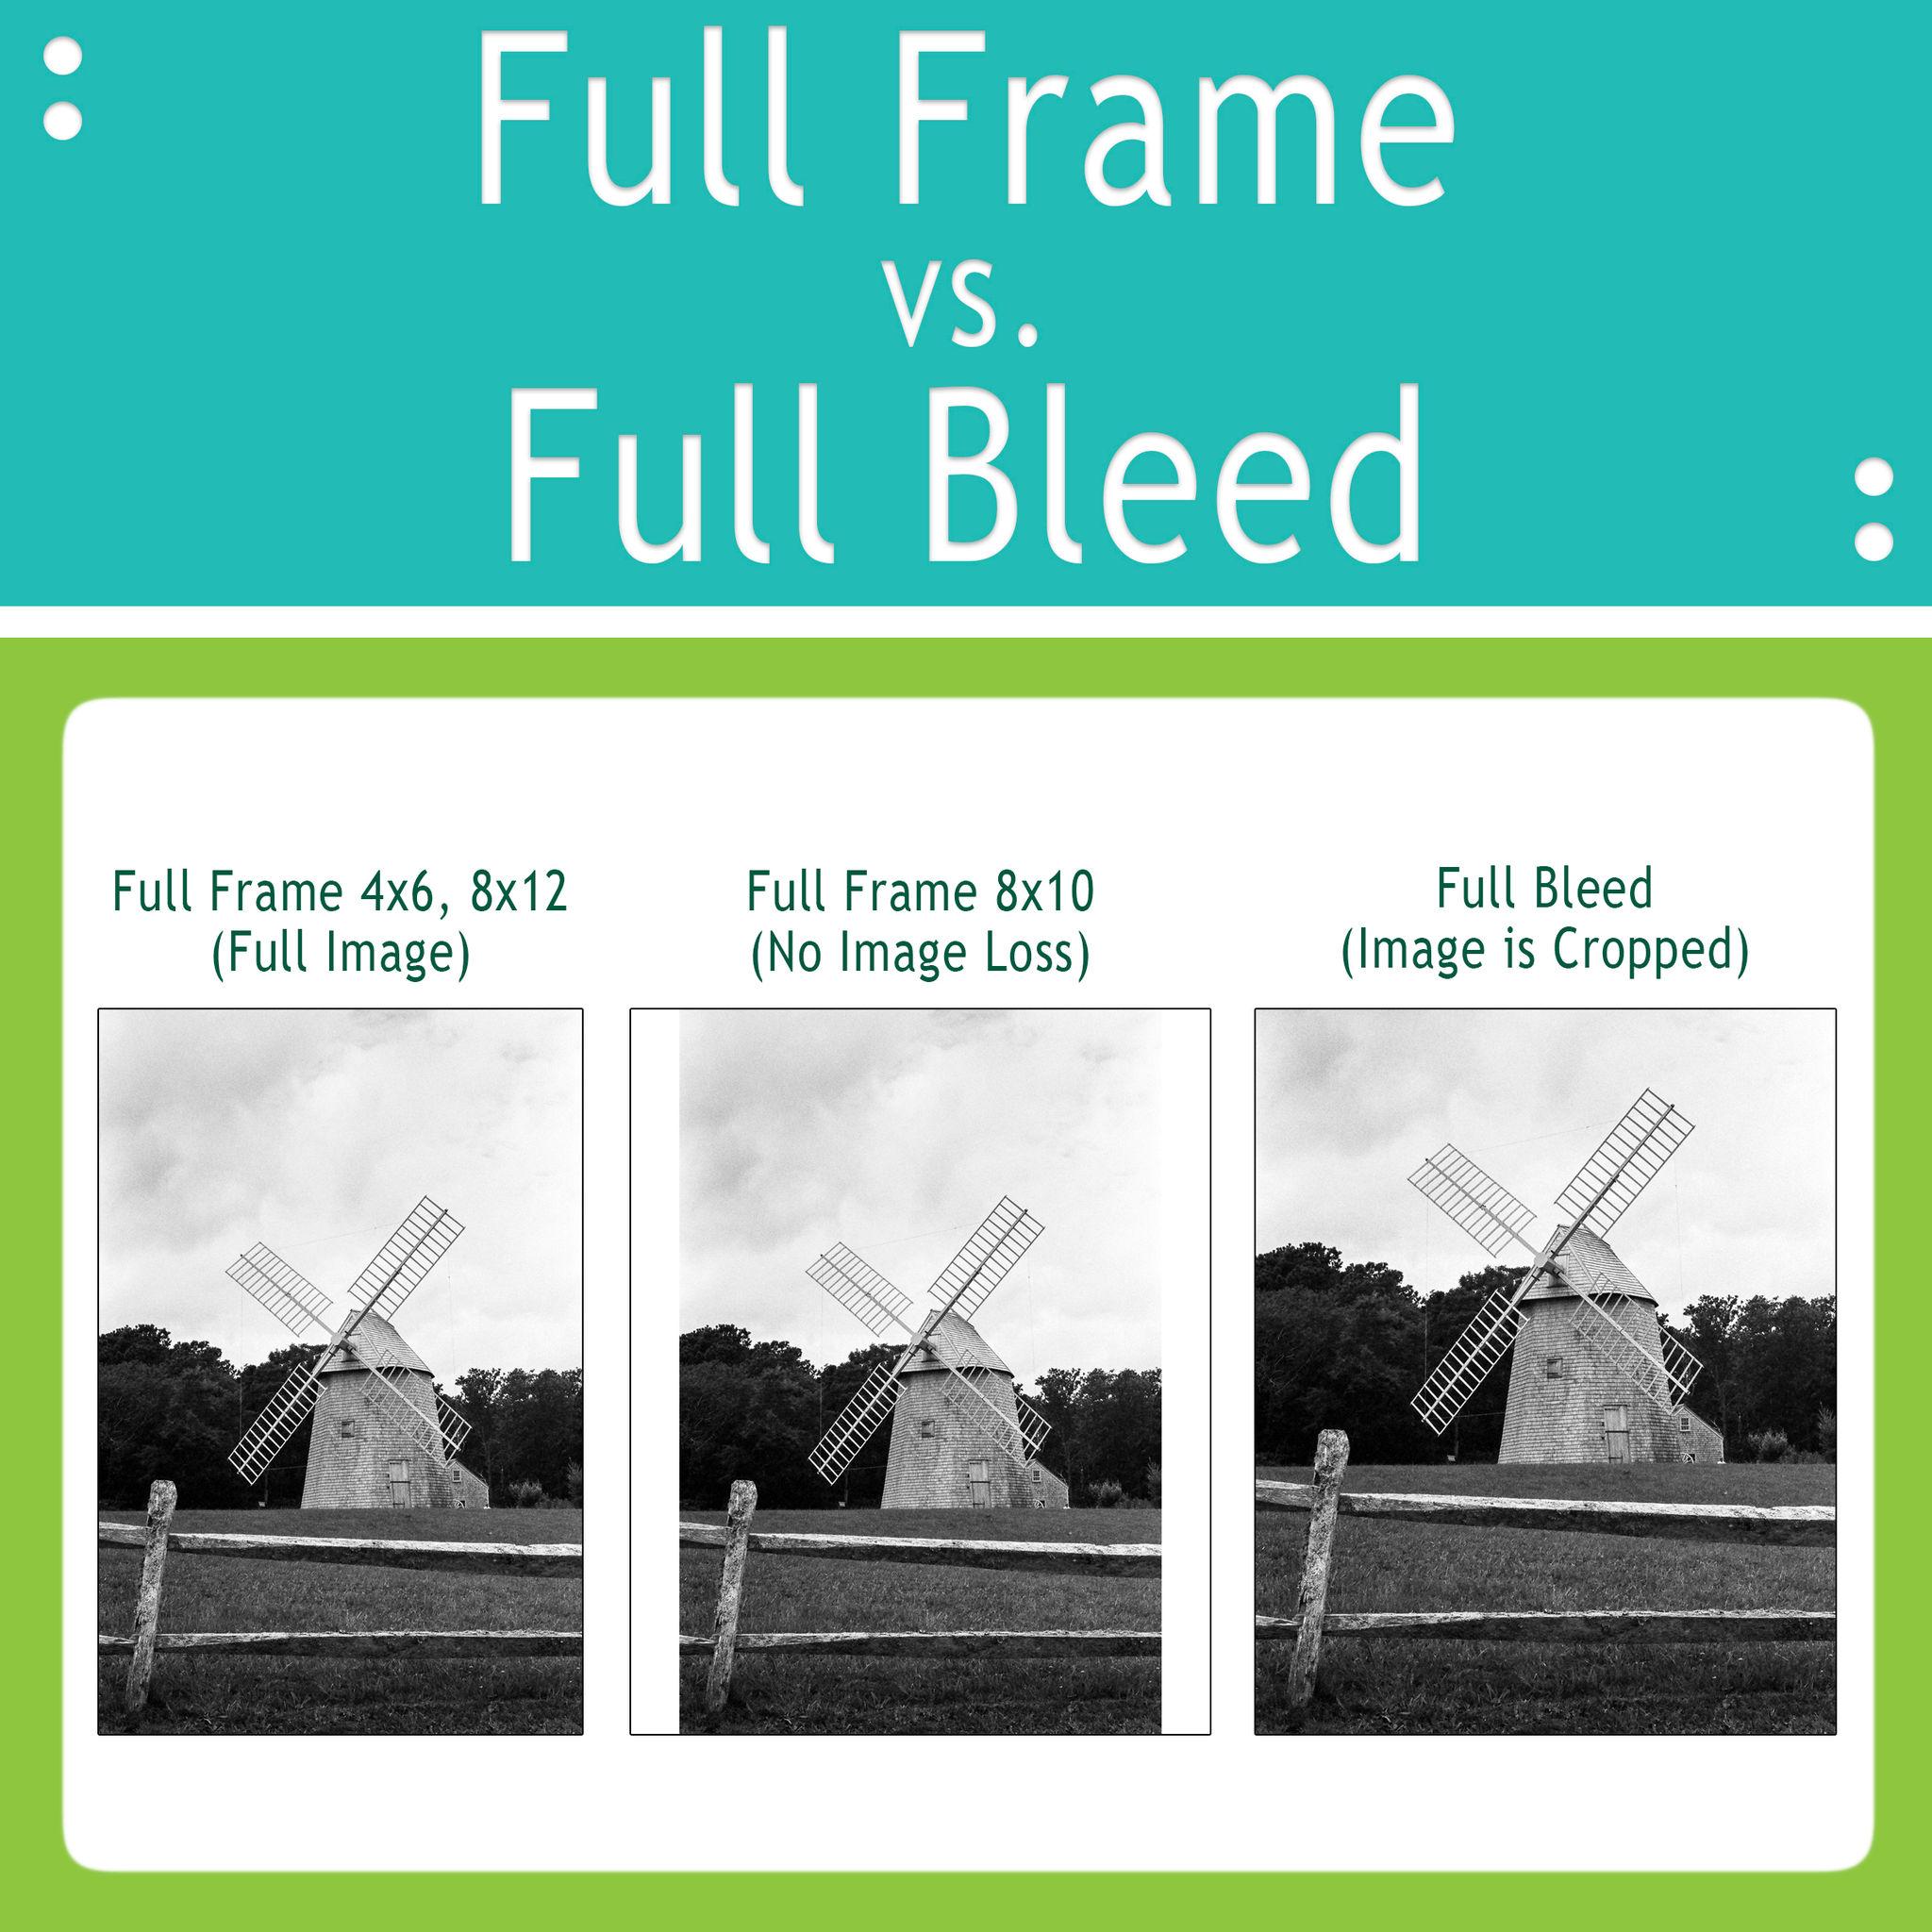 Full Frame vs. Full Bleed